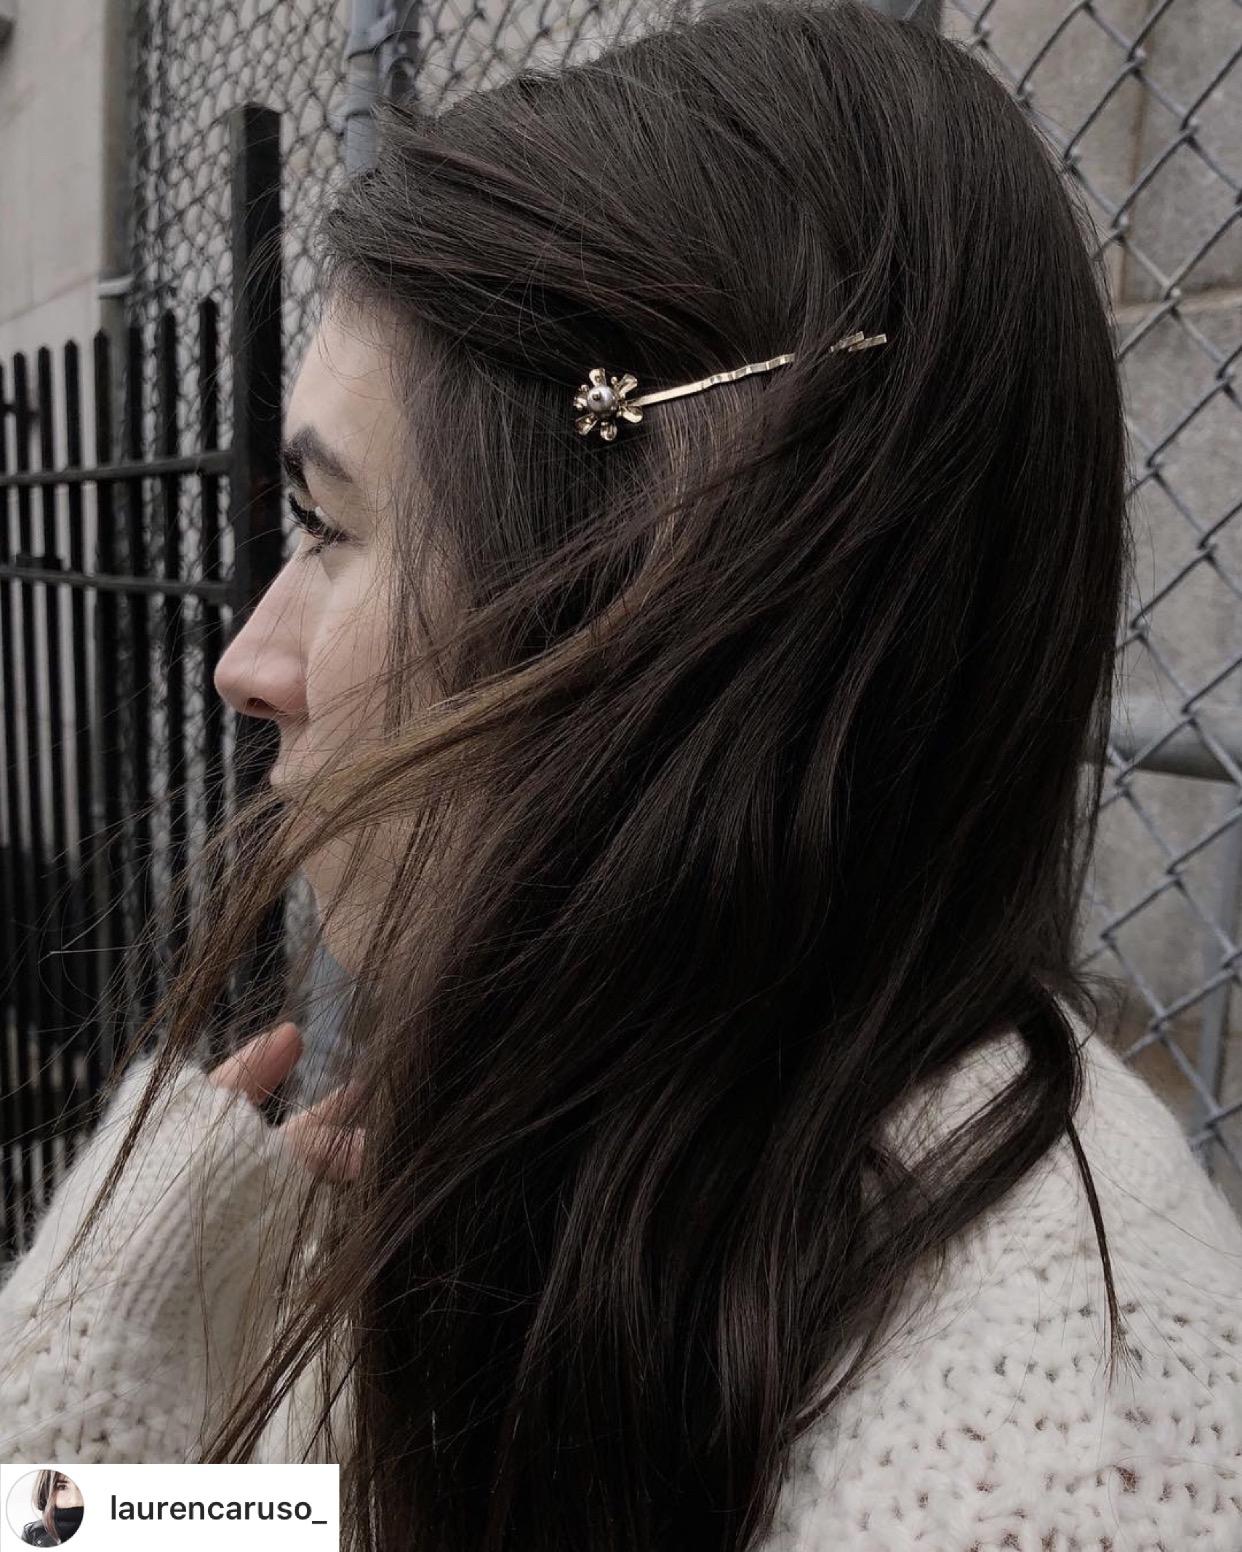 ELLE việt nam xu hướng phụ kiện kẹp tóc đẹp 5